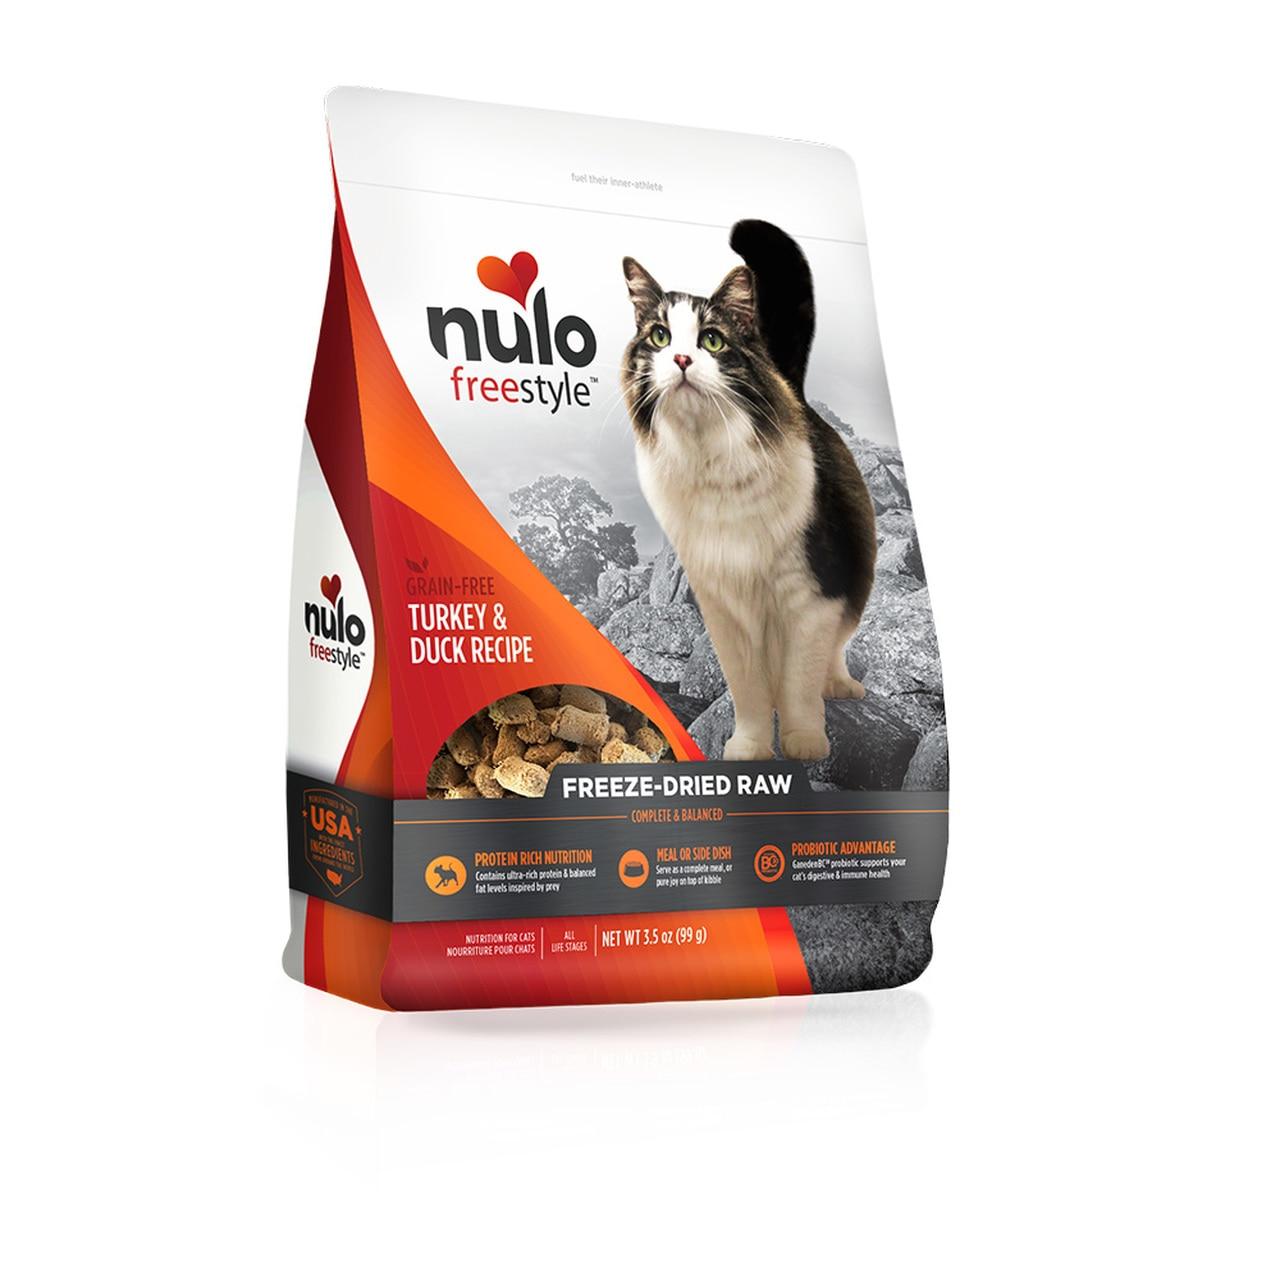 Nulo Freestyle Turkey & Duck Freeze-Dried Raw Cat Food, 3.5-oz